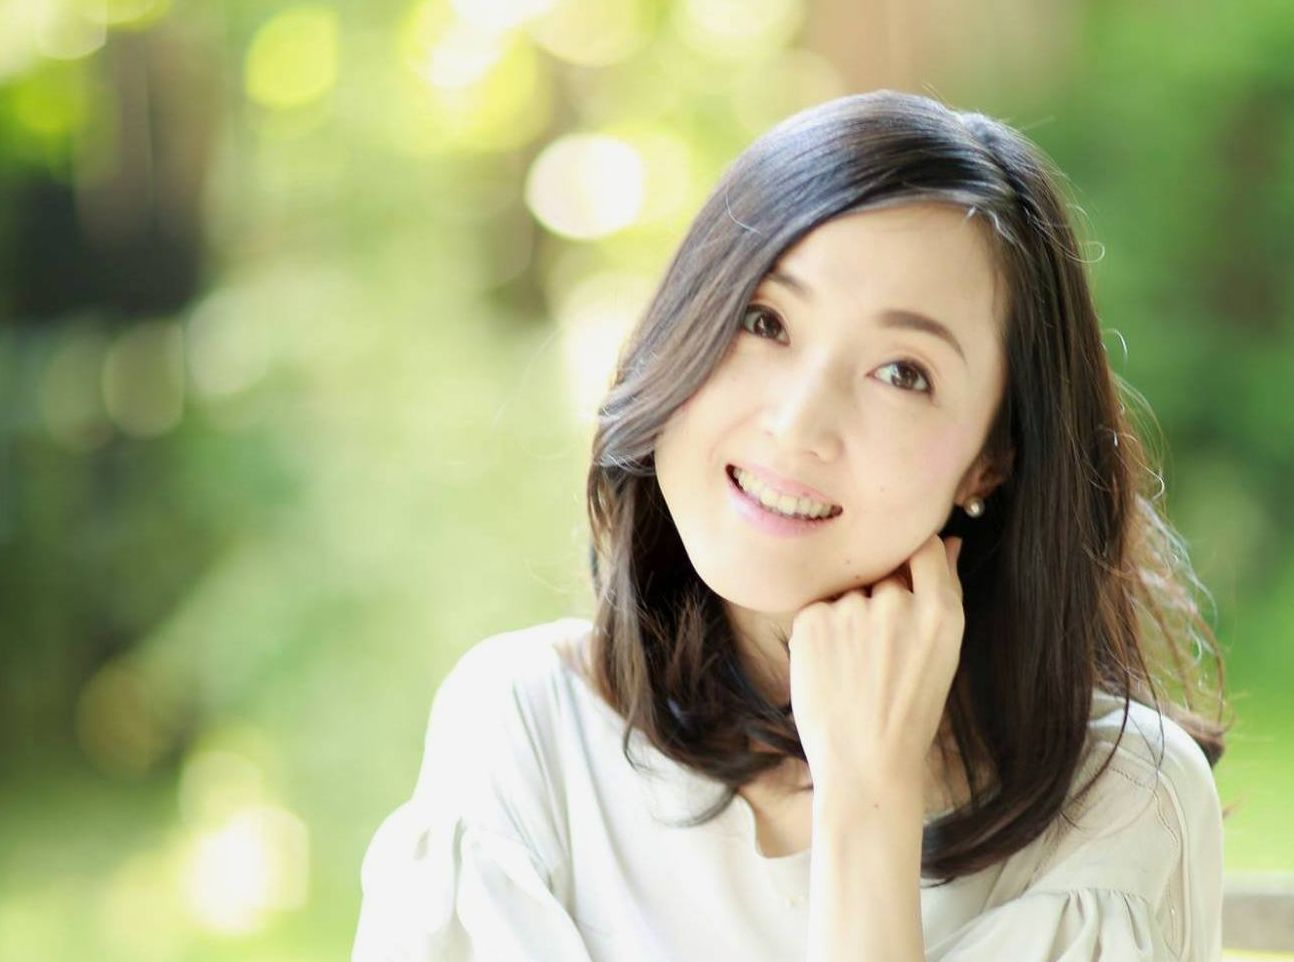 【ひとり言】「幸せなセックスの見つけ方」ブログで人気の劒持奈央さん。